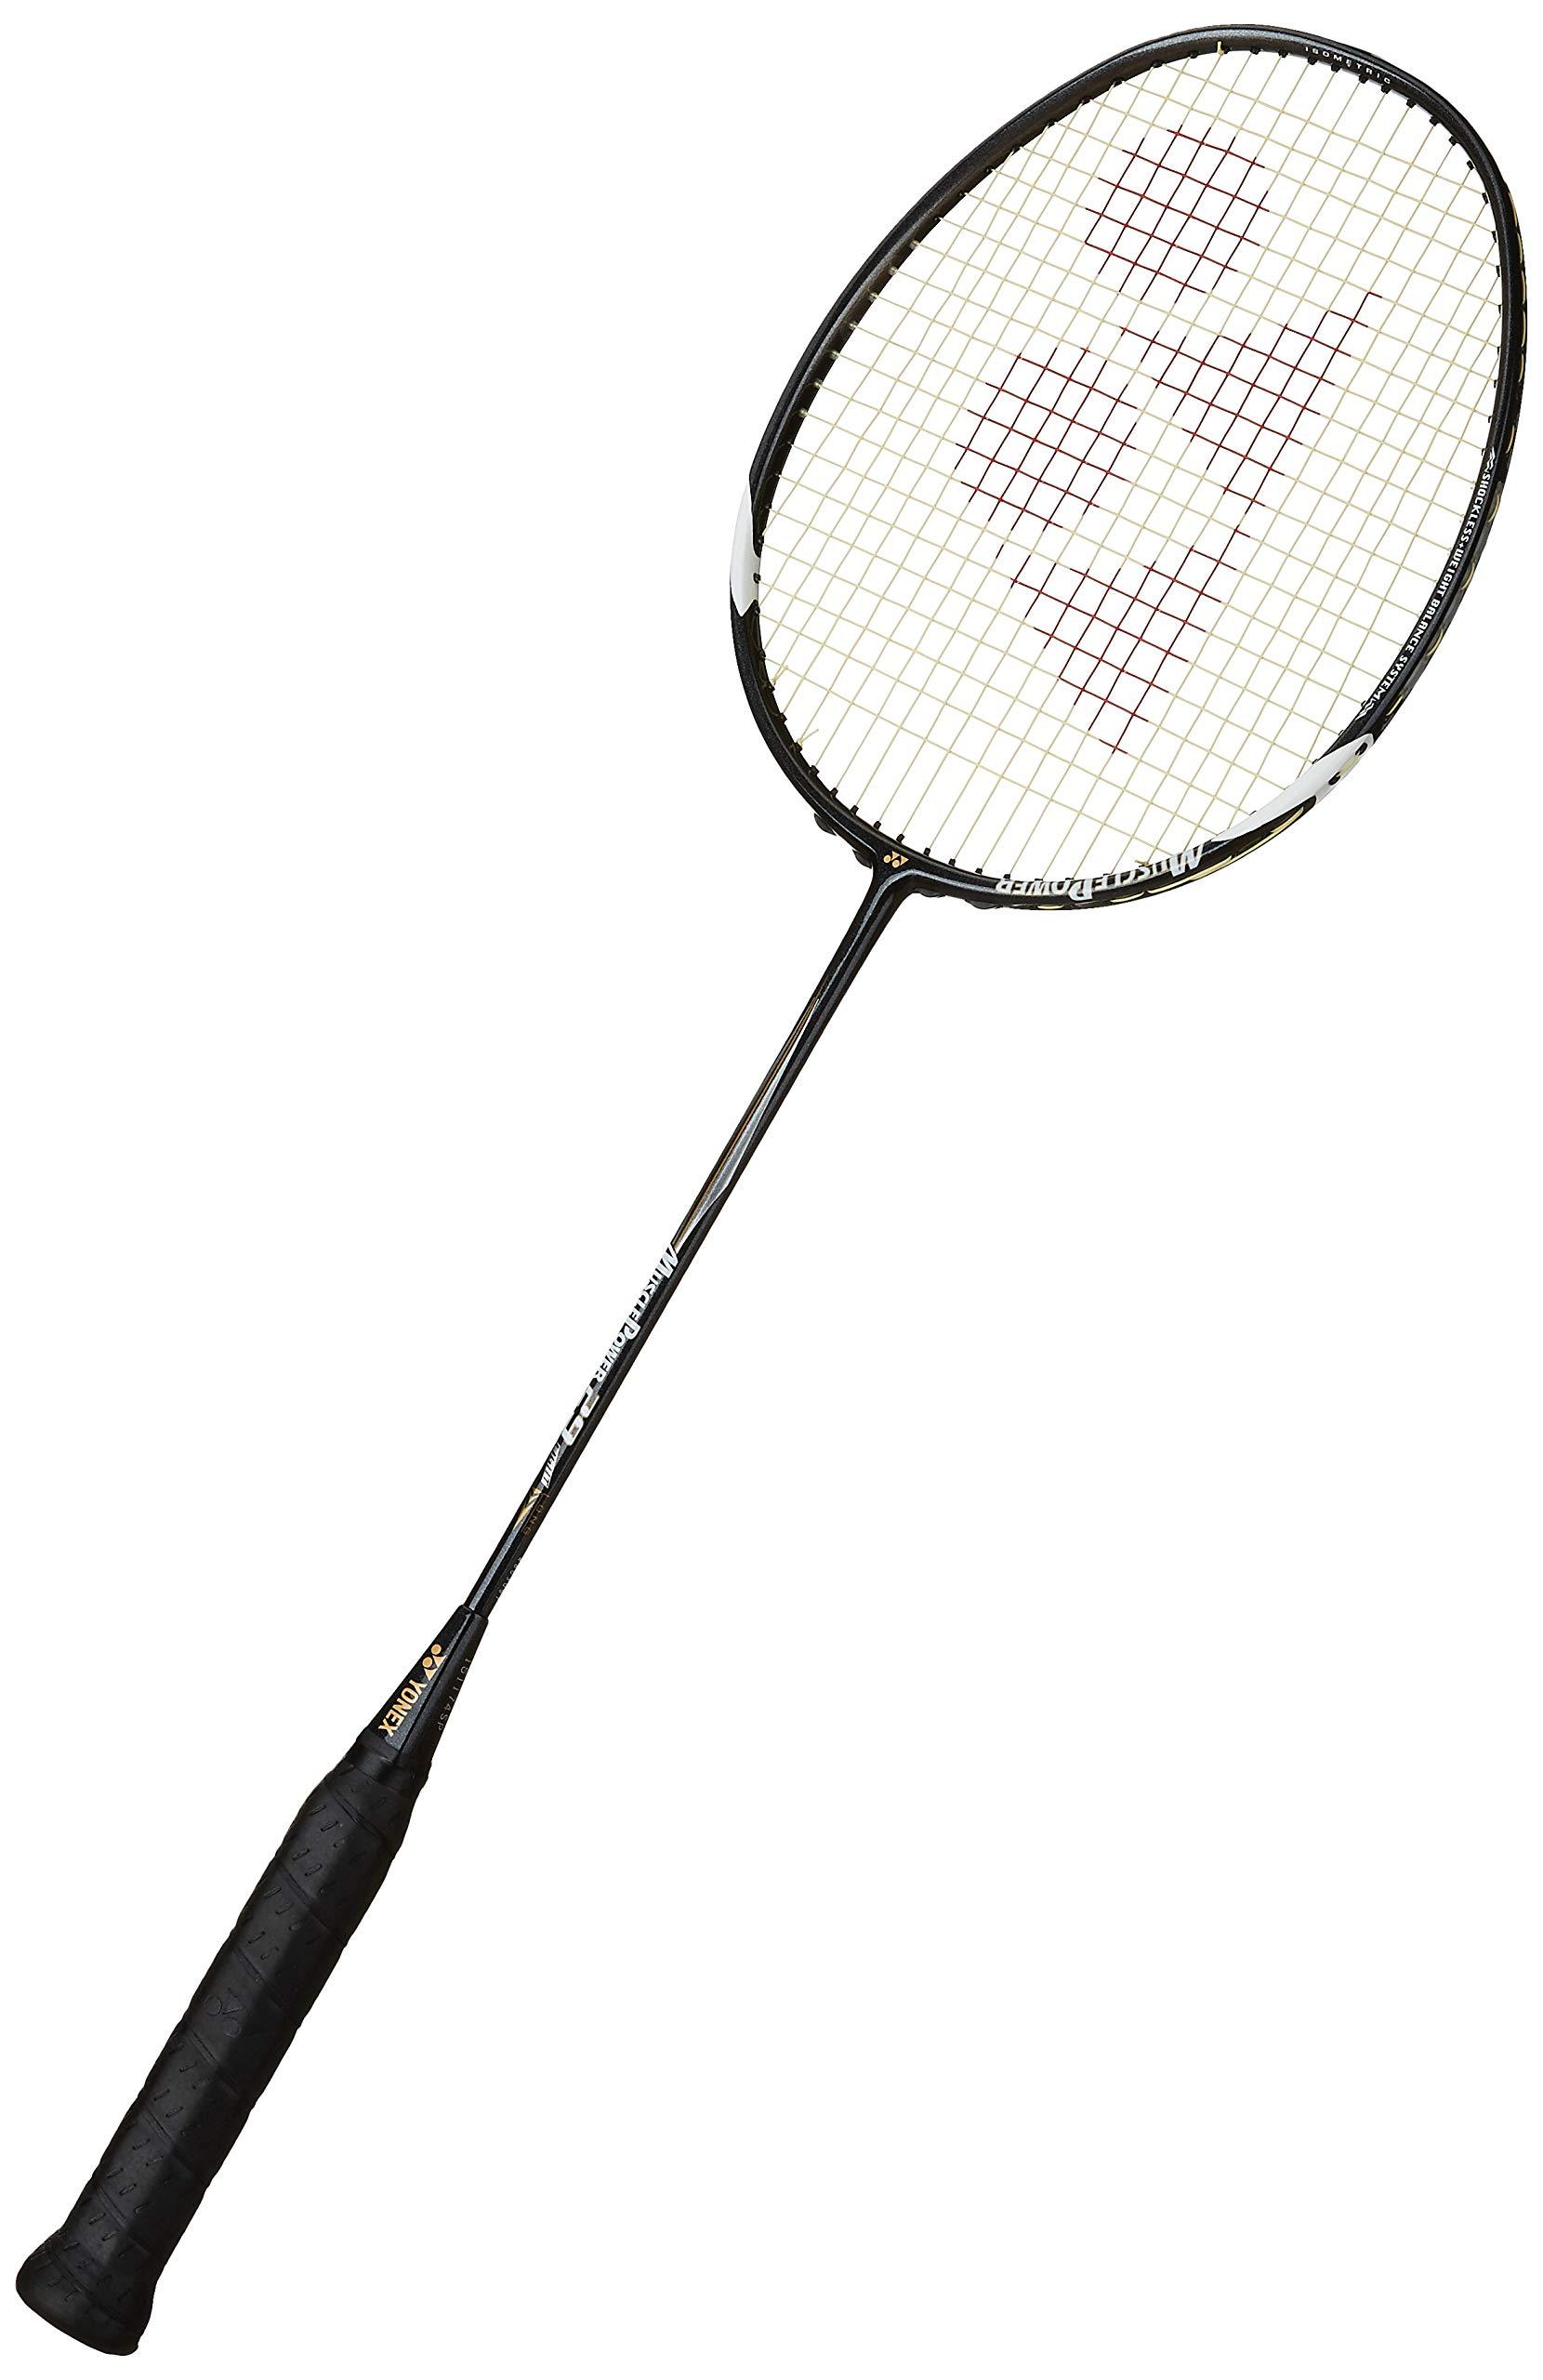 Yonex Muscle Power 29 Lite Badminton Racquet, 3U-G4 (Black/White)